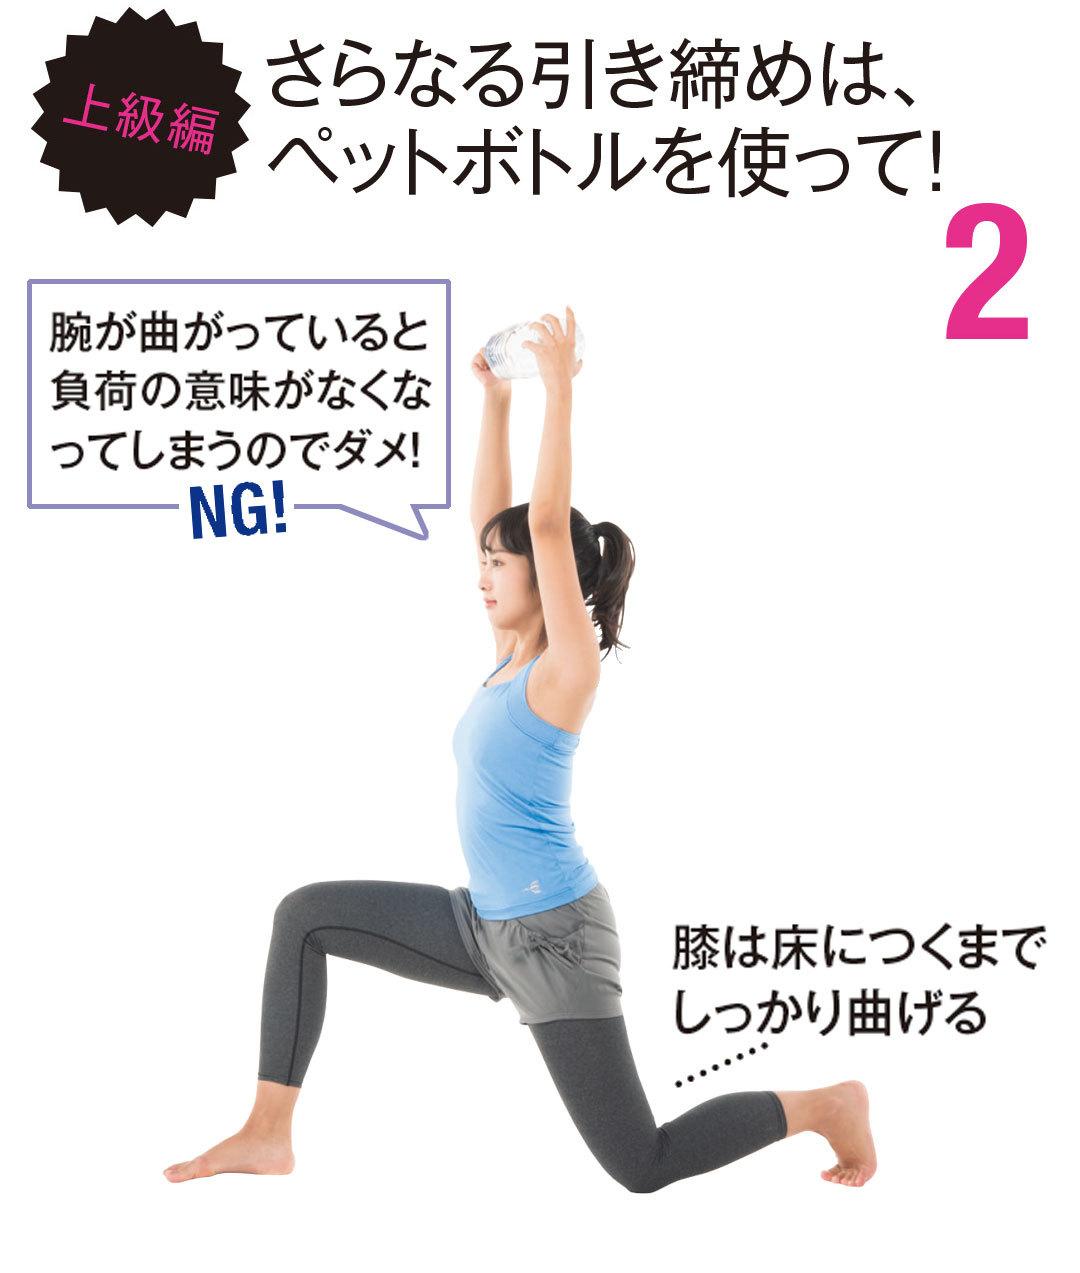 太もも痩せしたい! 1畳スペースでできる簡単筋トレをAYAさんが伝授♡ _1_2-8